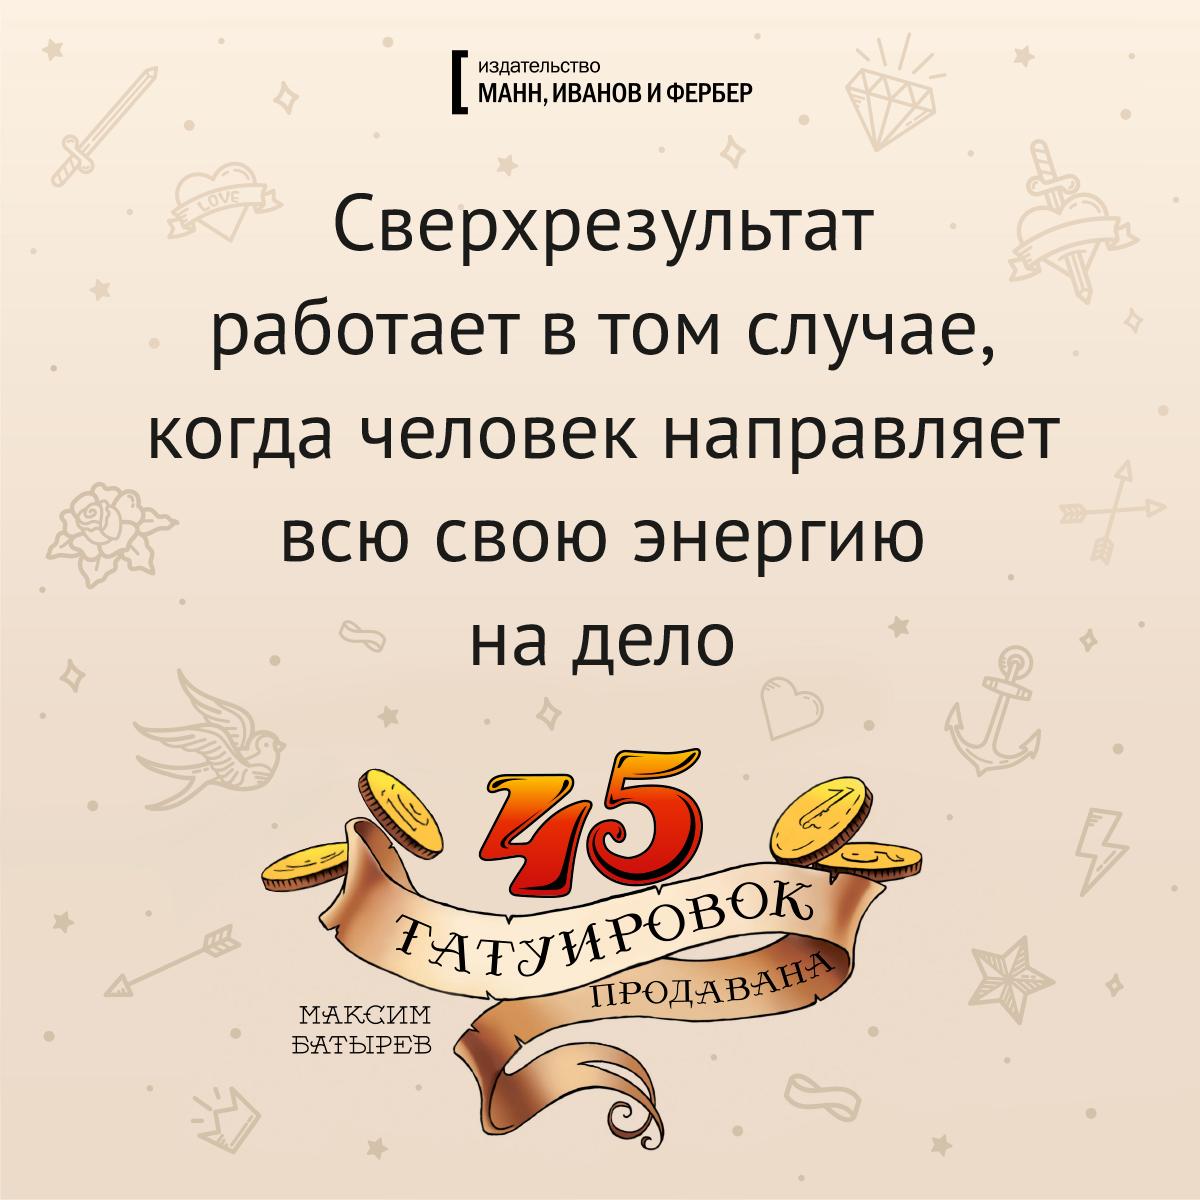 БАТЫРЕВ 45 ТАТУИРОВОК ПРОДАВАНА СКАЧАТЬ БЕСПЛАТНО